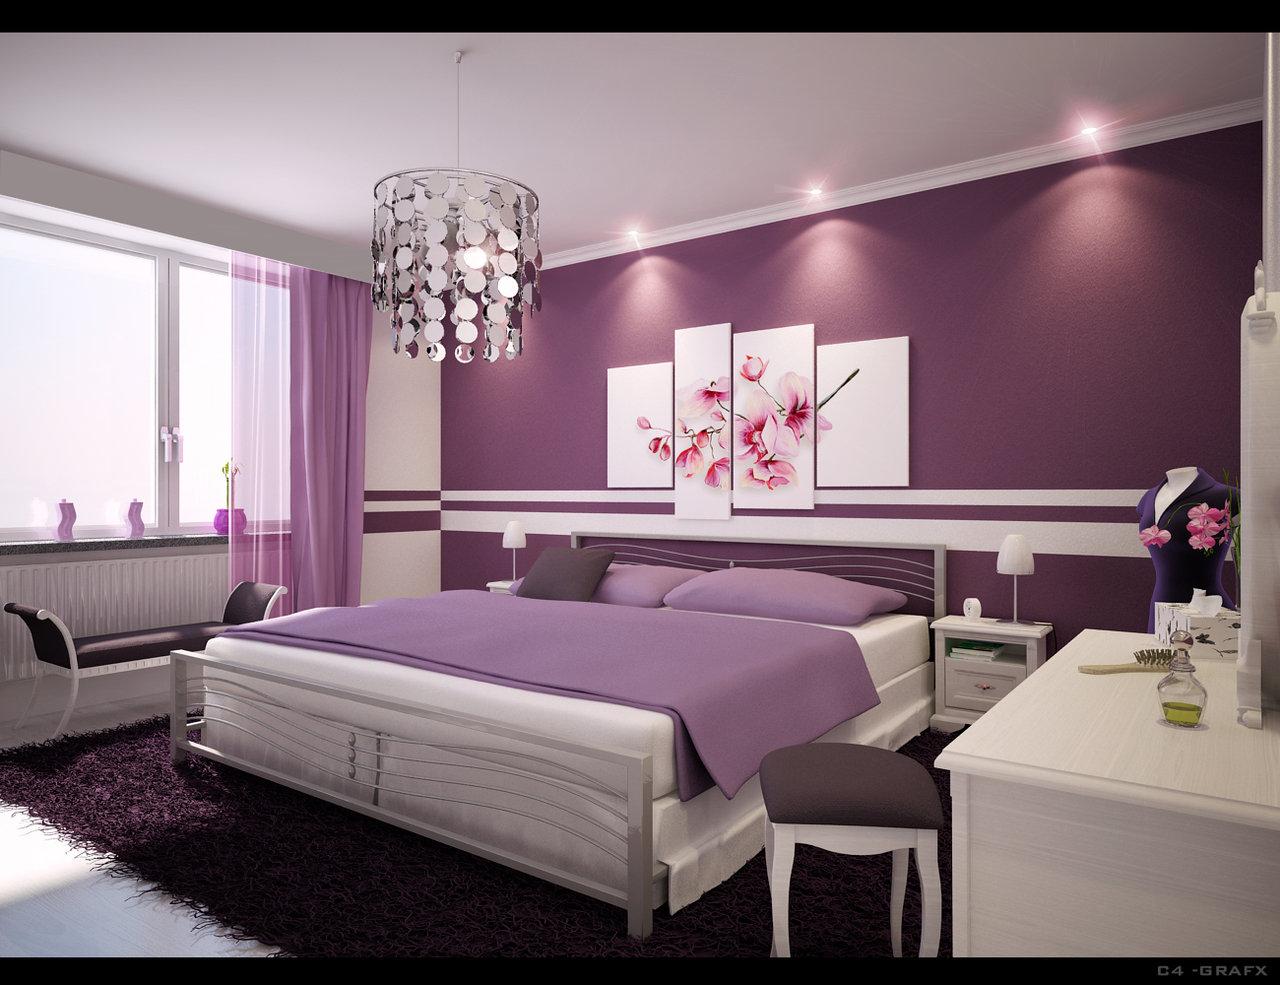 صور تصاميم غرف نوم شياكة 2019 , غرف نوم ناعمة , غرف نوم كيوت 2019